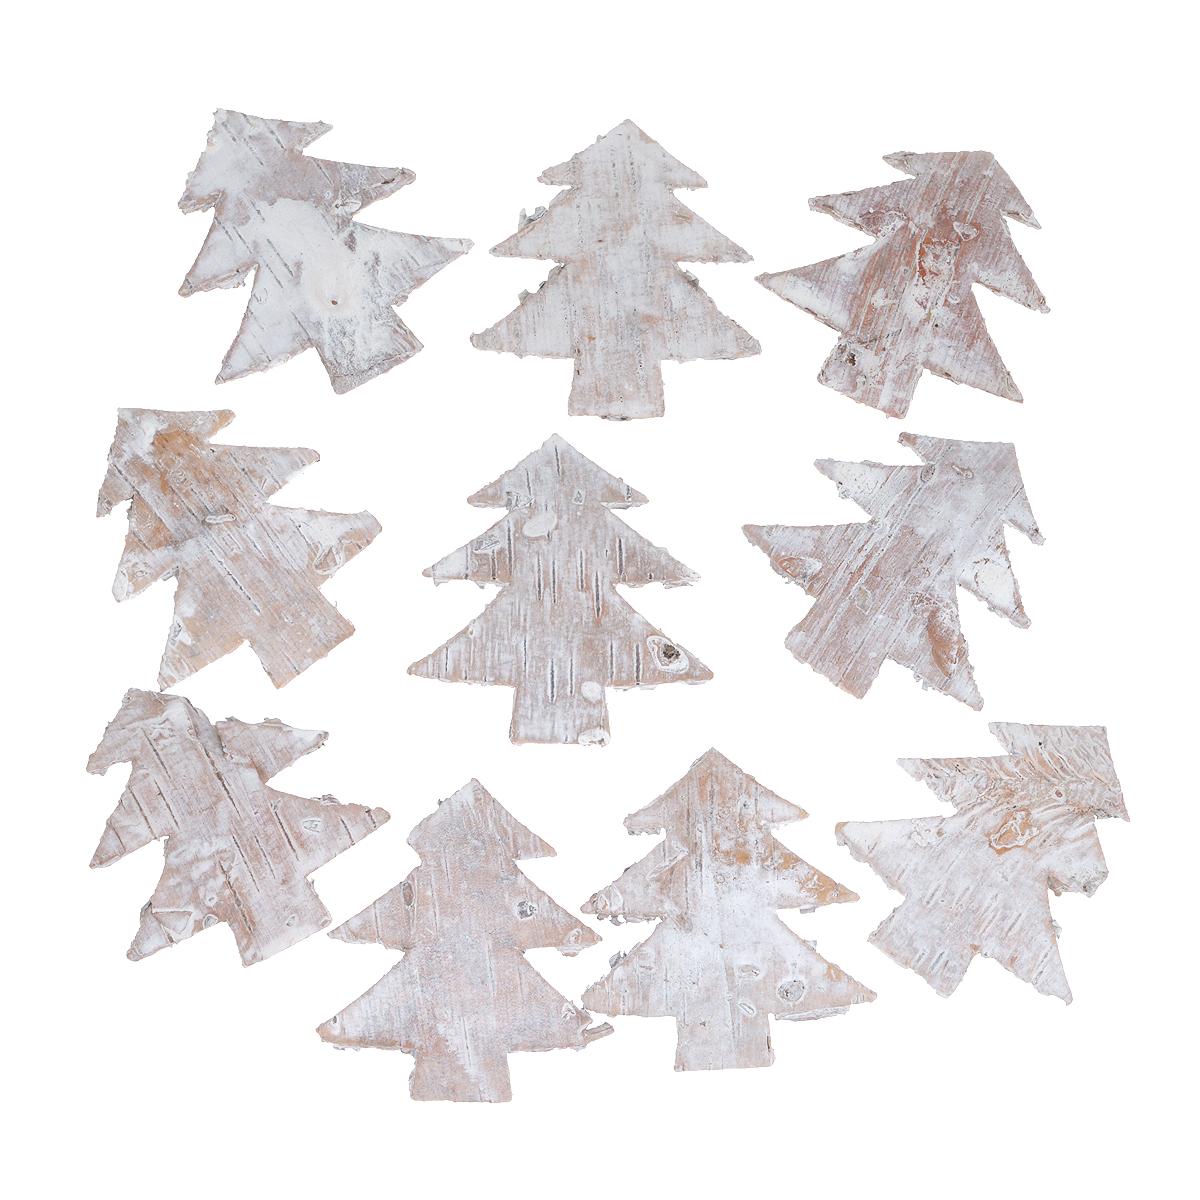 Декоративный элемент Dongjiang Art Елка, цвет: белый, 10 шт7709018Декоративный элемент Dongjiang Art Елка, изготовленный из натуральной коры дерева, предназначен для украшения цветочных композиций. Изделие можно также использовать в технике скрапбукинг и многом другом. Флористика - вид декоративно-прикладного искусства, который использует живые, засушенные или консервированные природные материалы для создания флористических работ. Это целый мир, в котором есть место и строгому математическому расчету, и вдохновению.